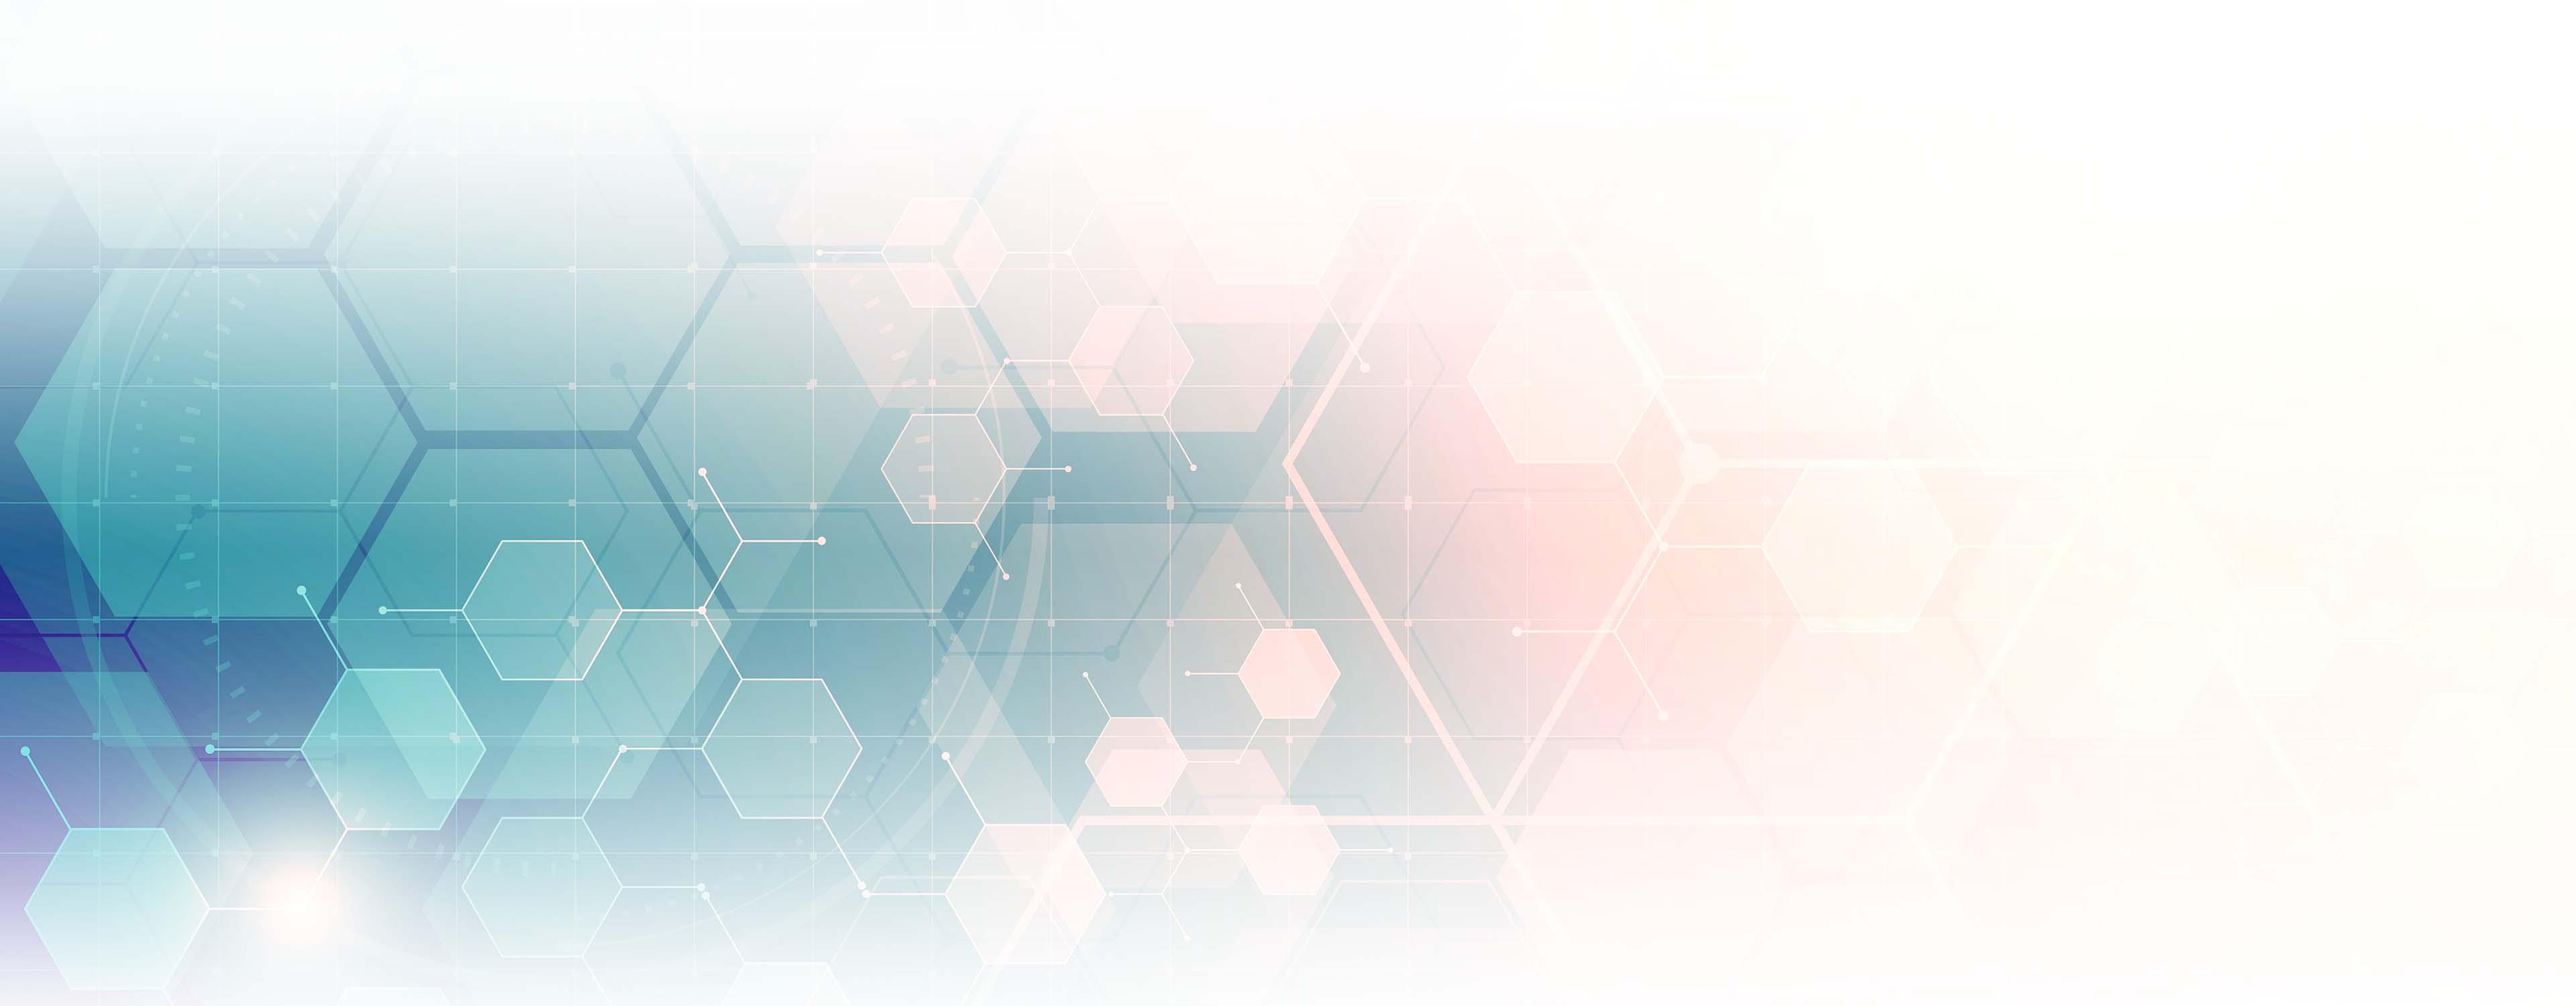 web development header background